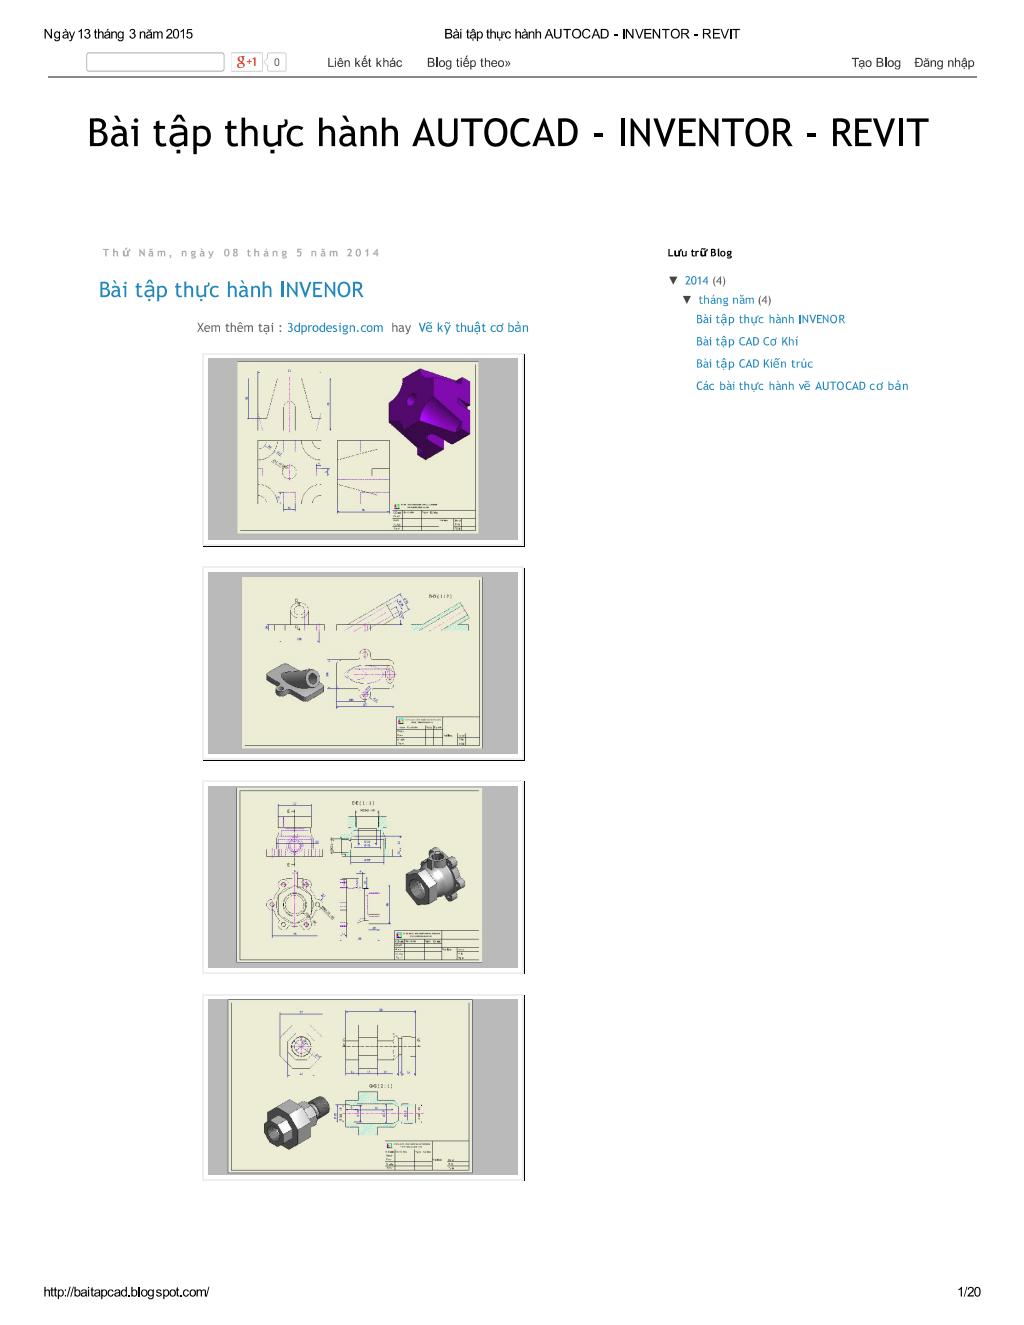 Bài tập thực hành AUTOCAD - INVENTOR - REVIT